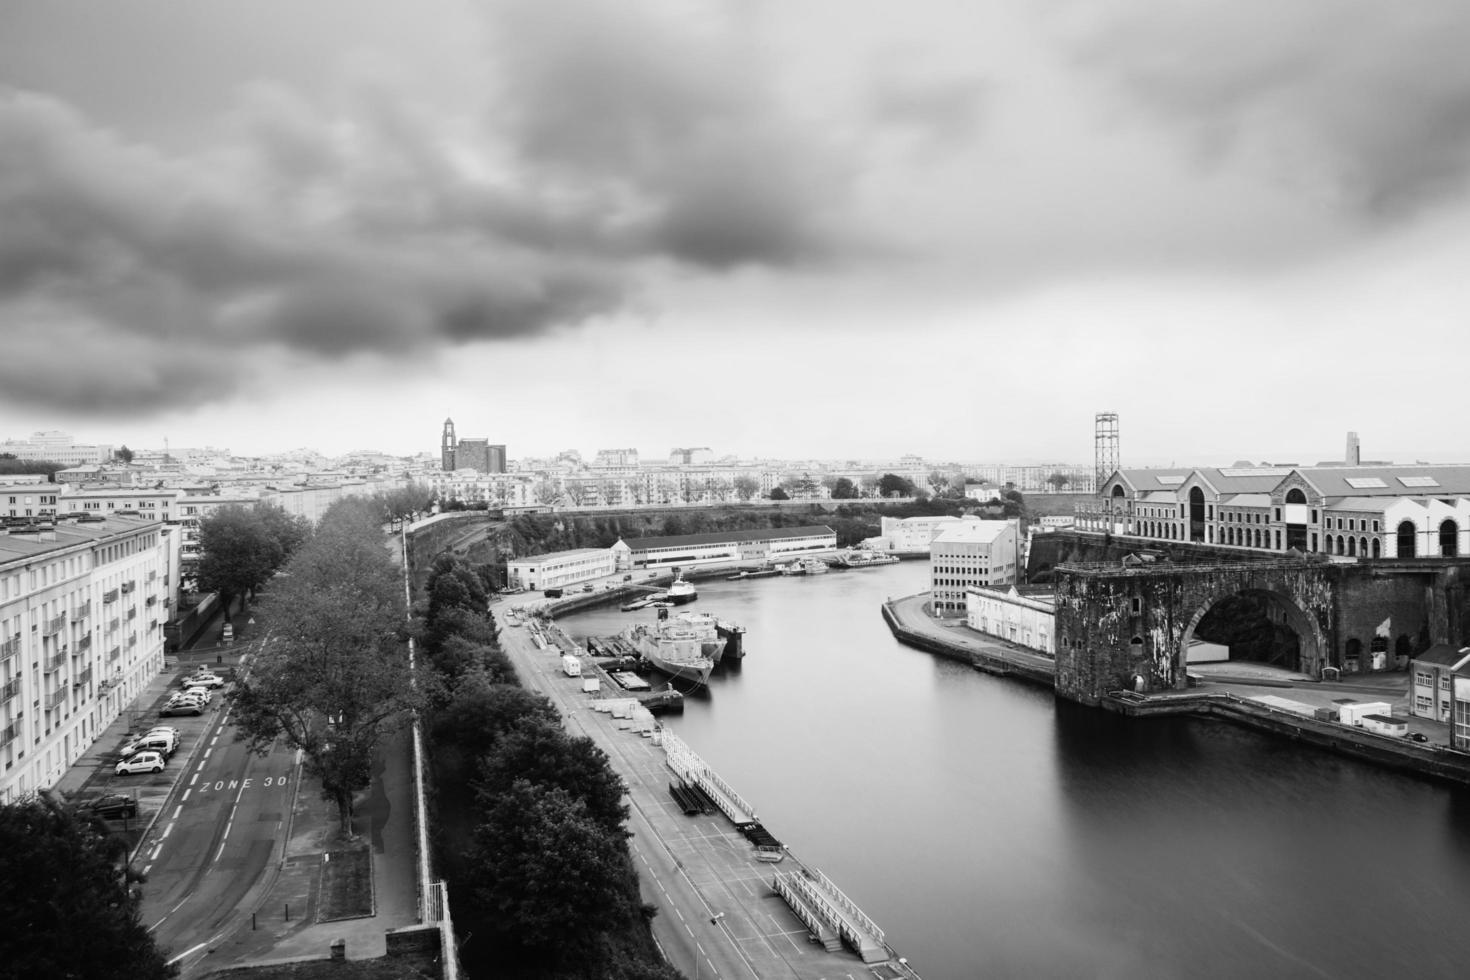 veduta aerea del fiume e della città foto